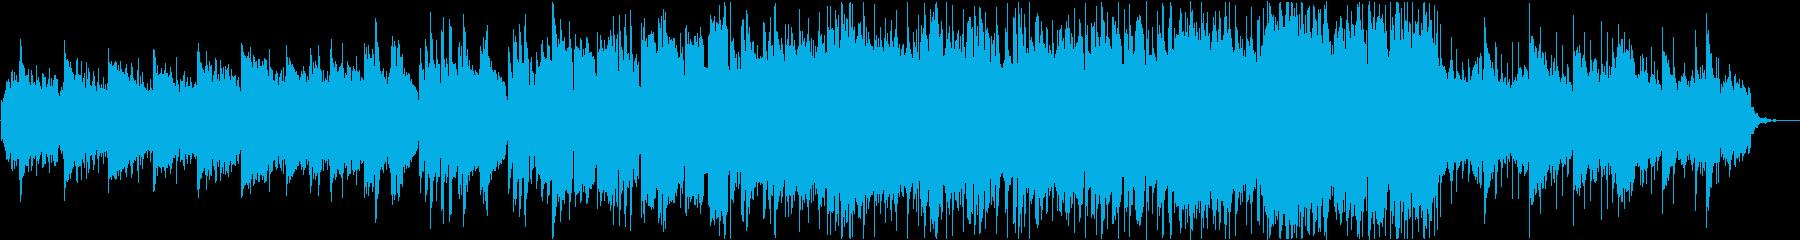 リゾートの映像等に最適なBGMの再生済みの波形